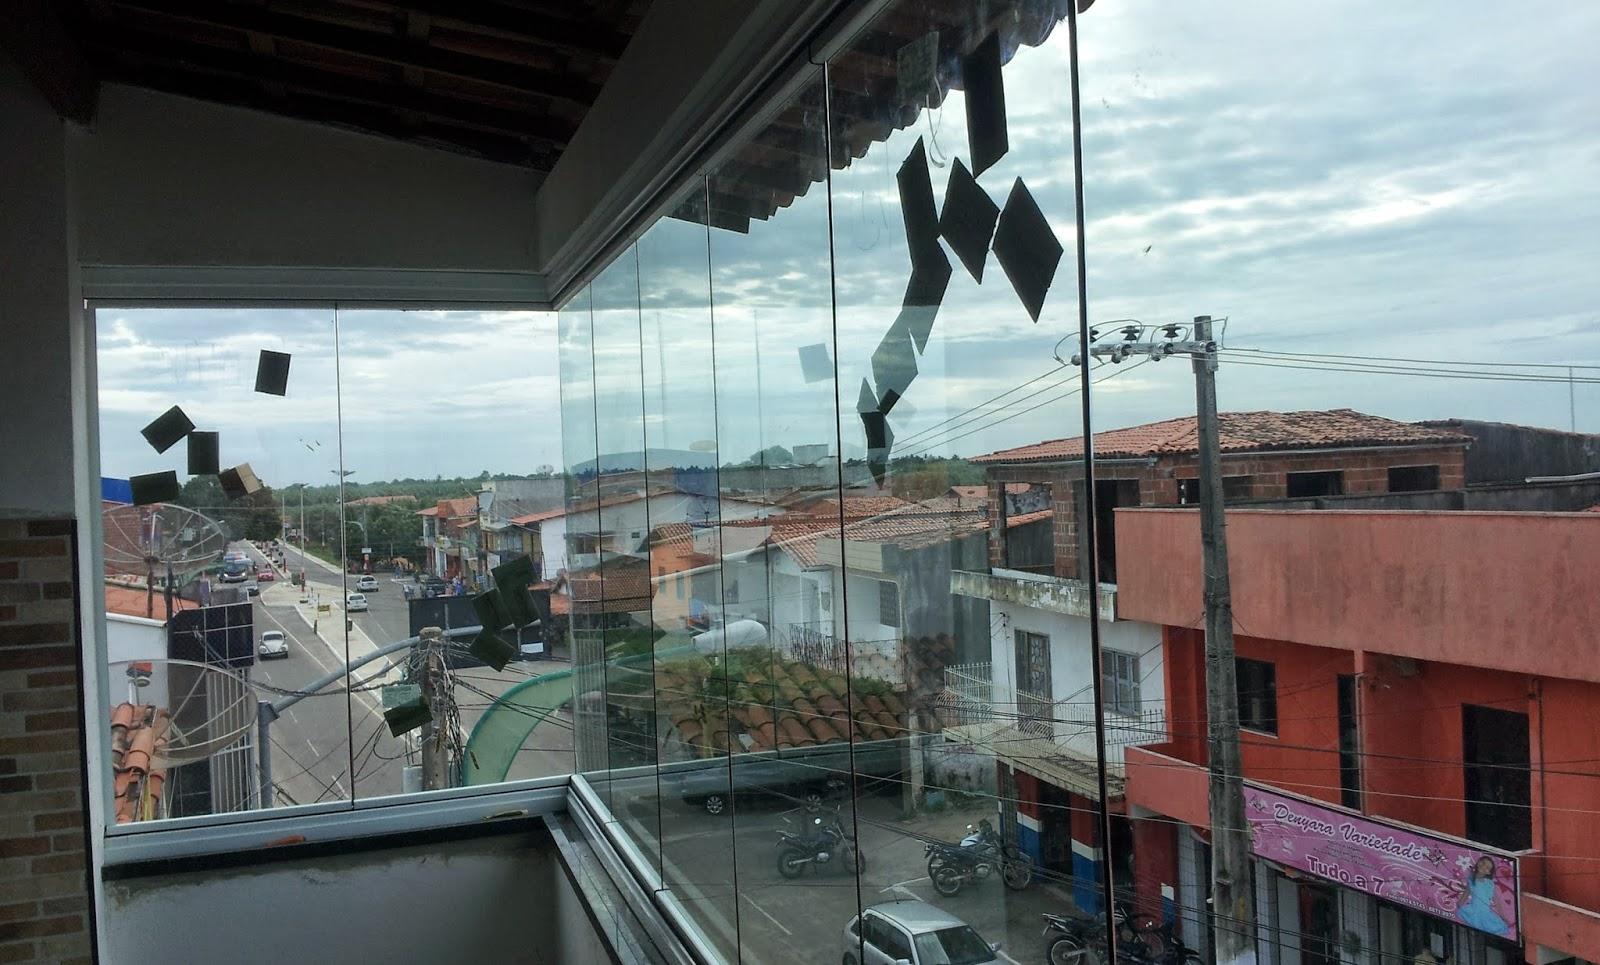 #704039 Criativo Vidraçaria: Cortina de vidro em Fortaleza 92 Janelas De Vidro Em Fortaleza Ce